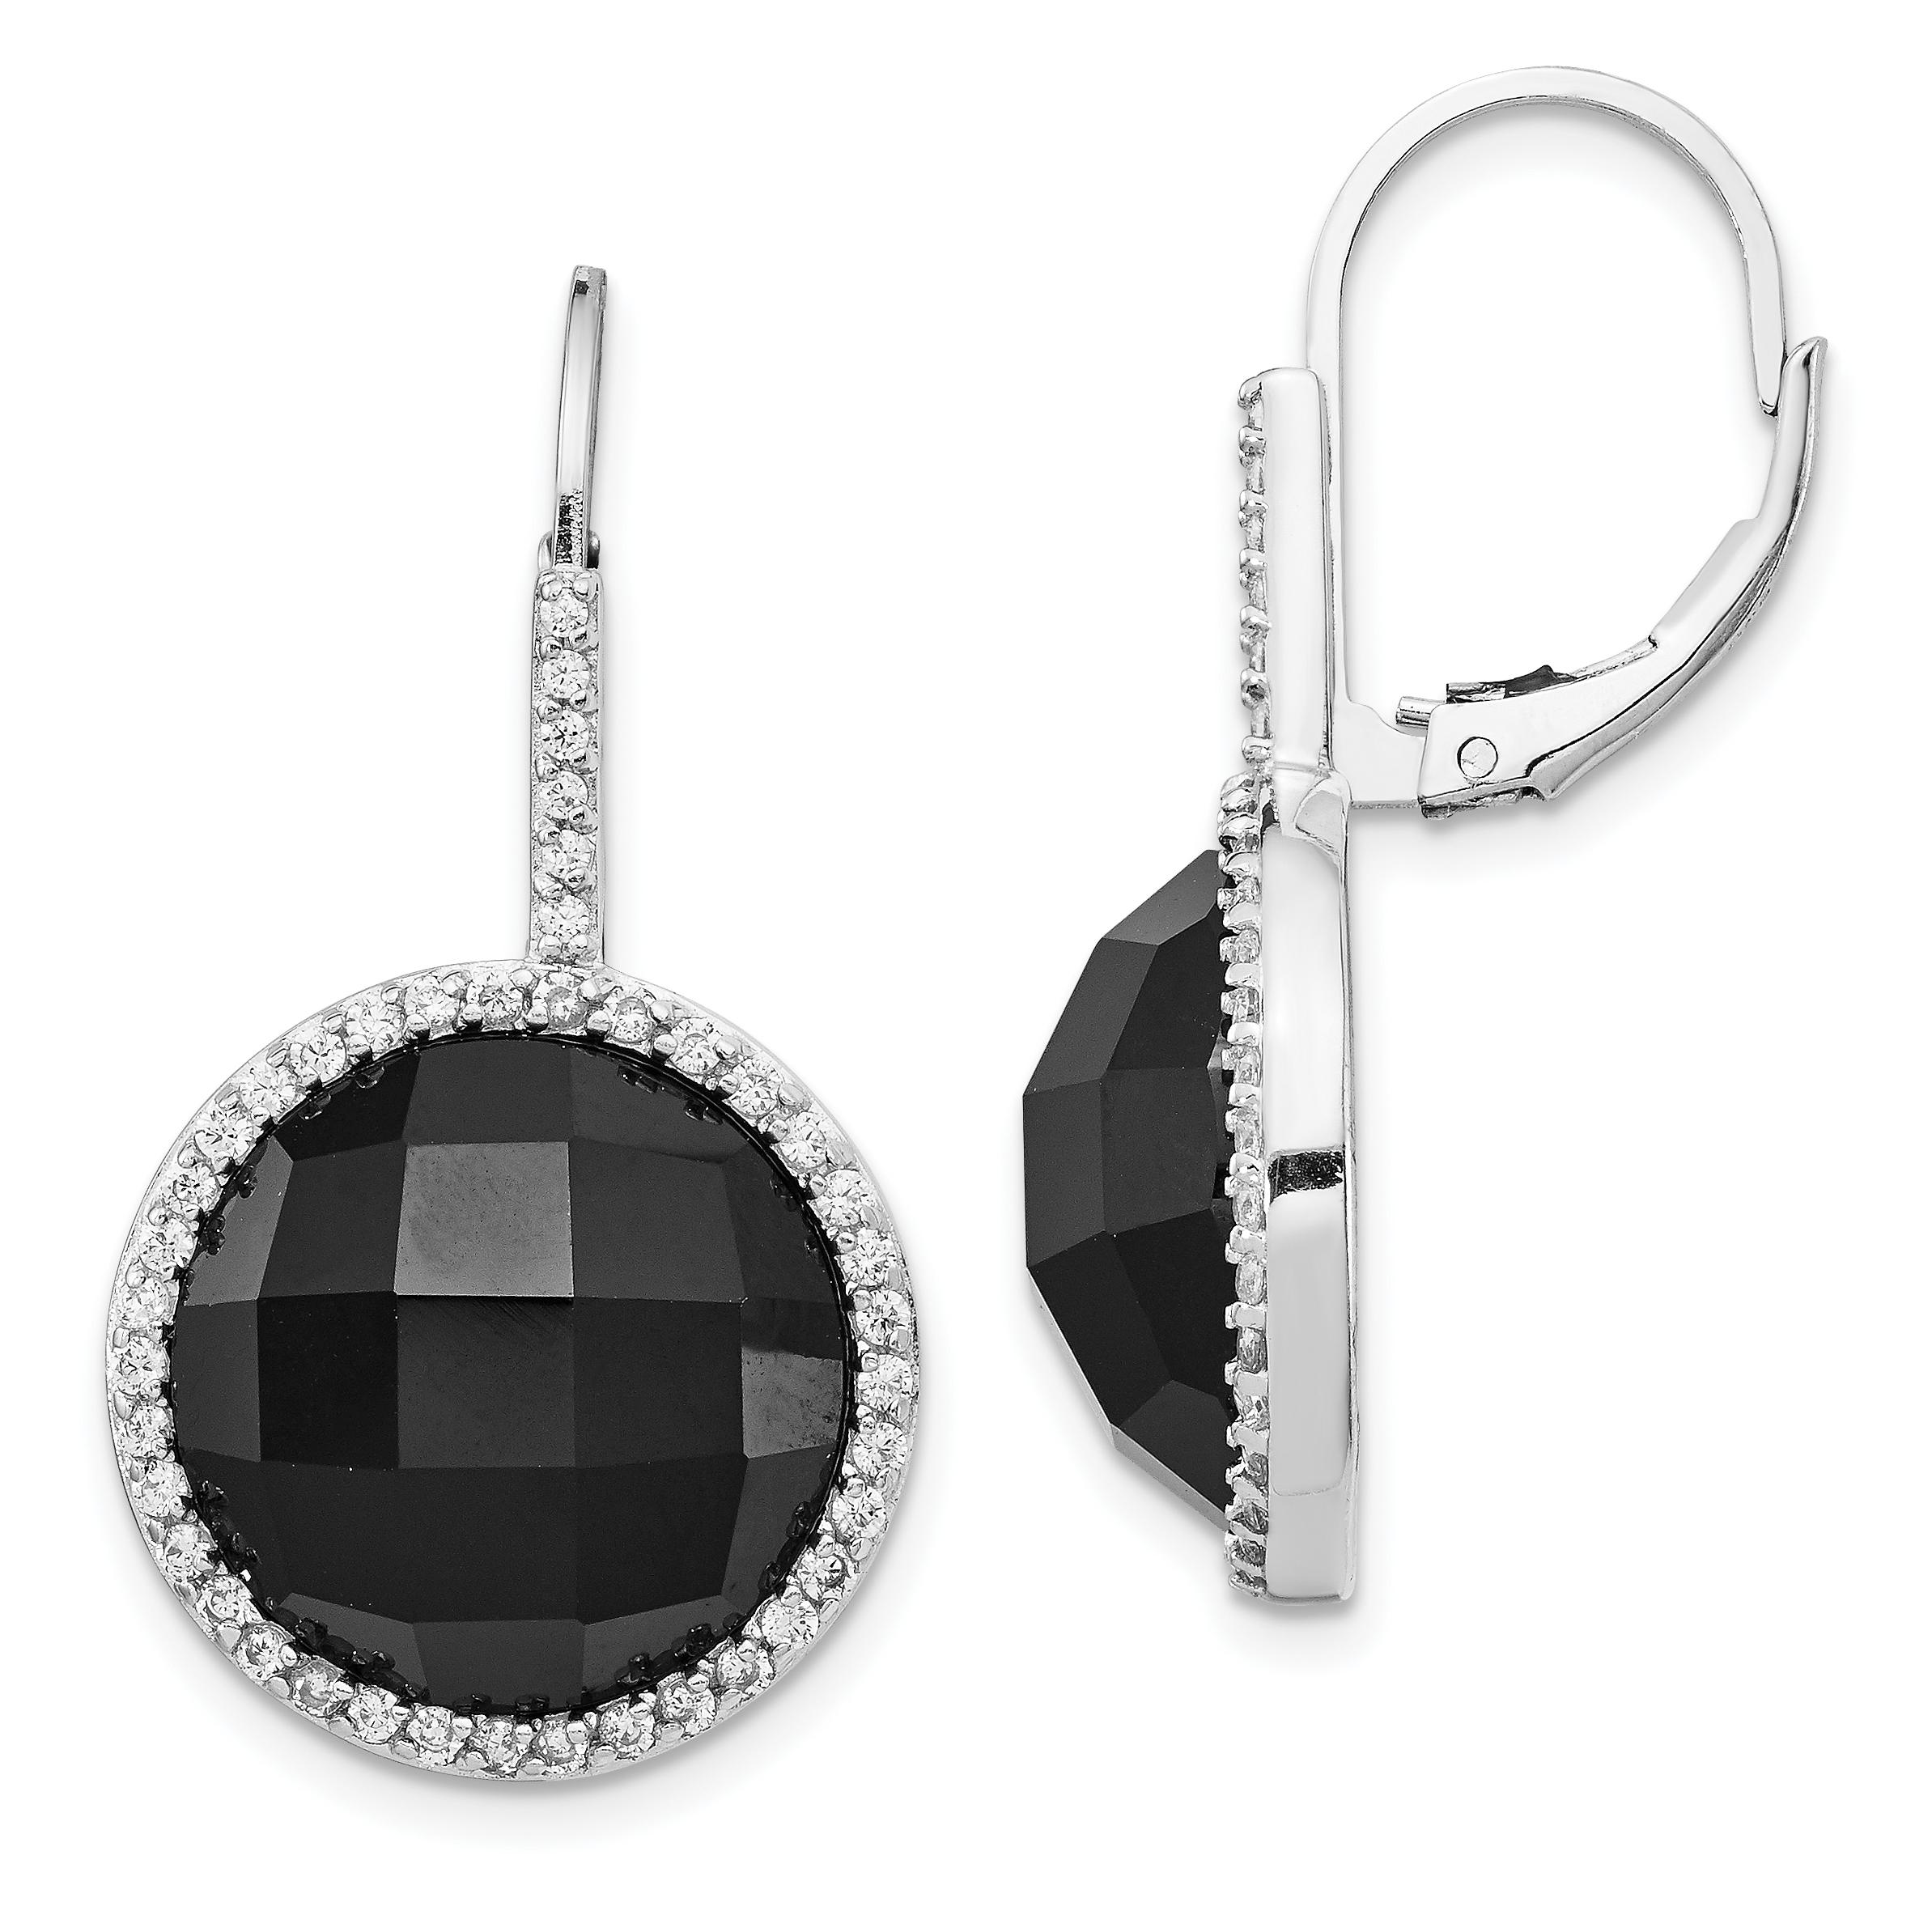 3D Fancy Twisted Greek Key Motif Dangle Drop Earrings Solid 925 Sterling Silver